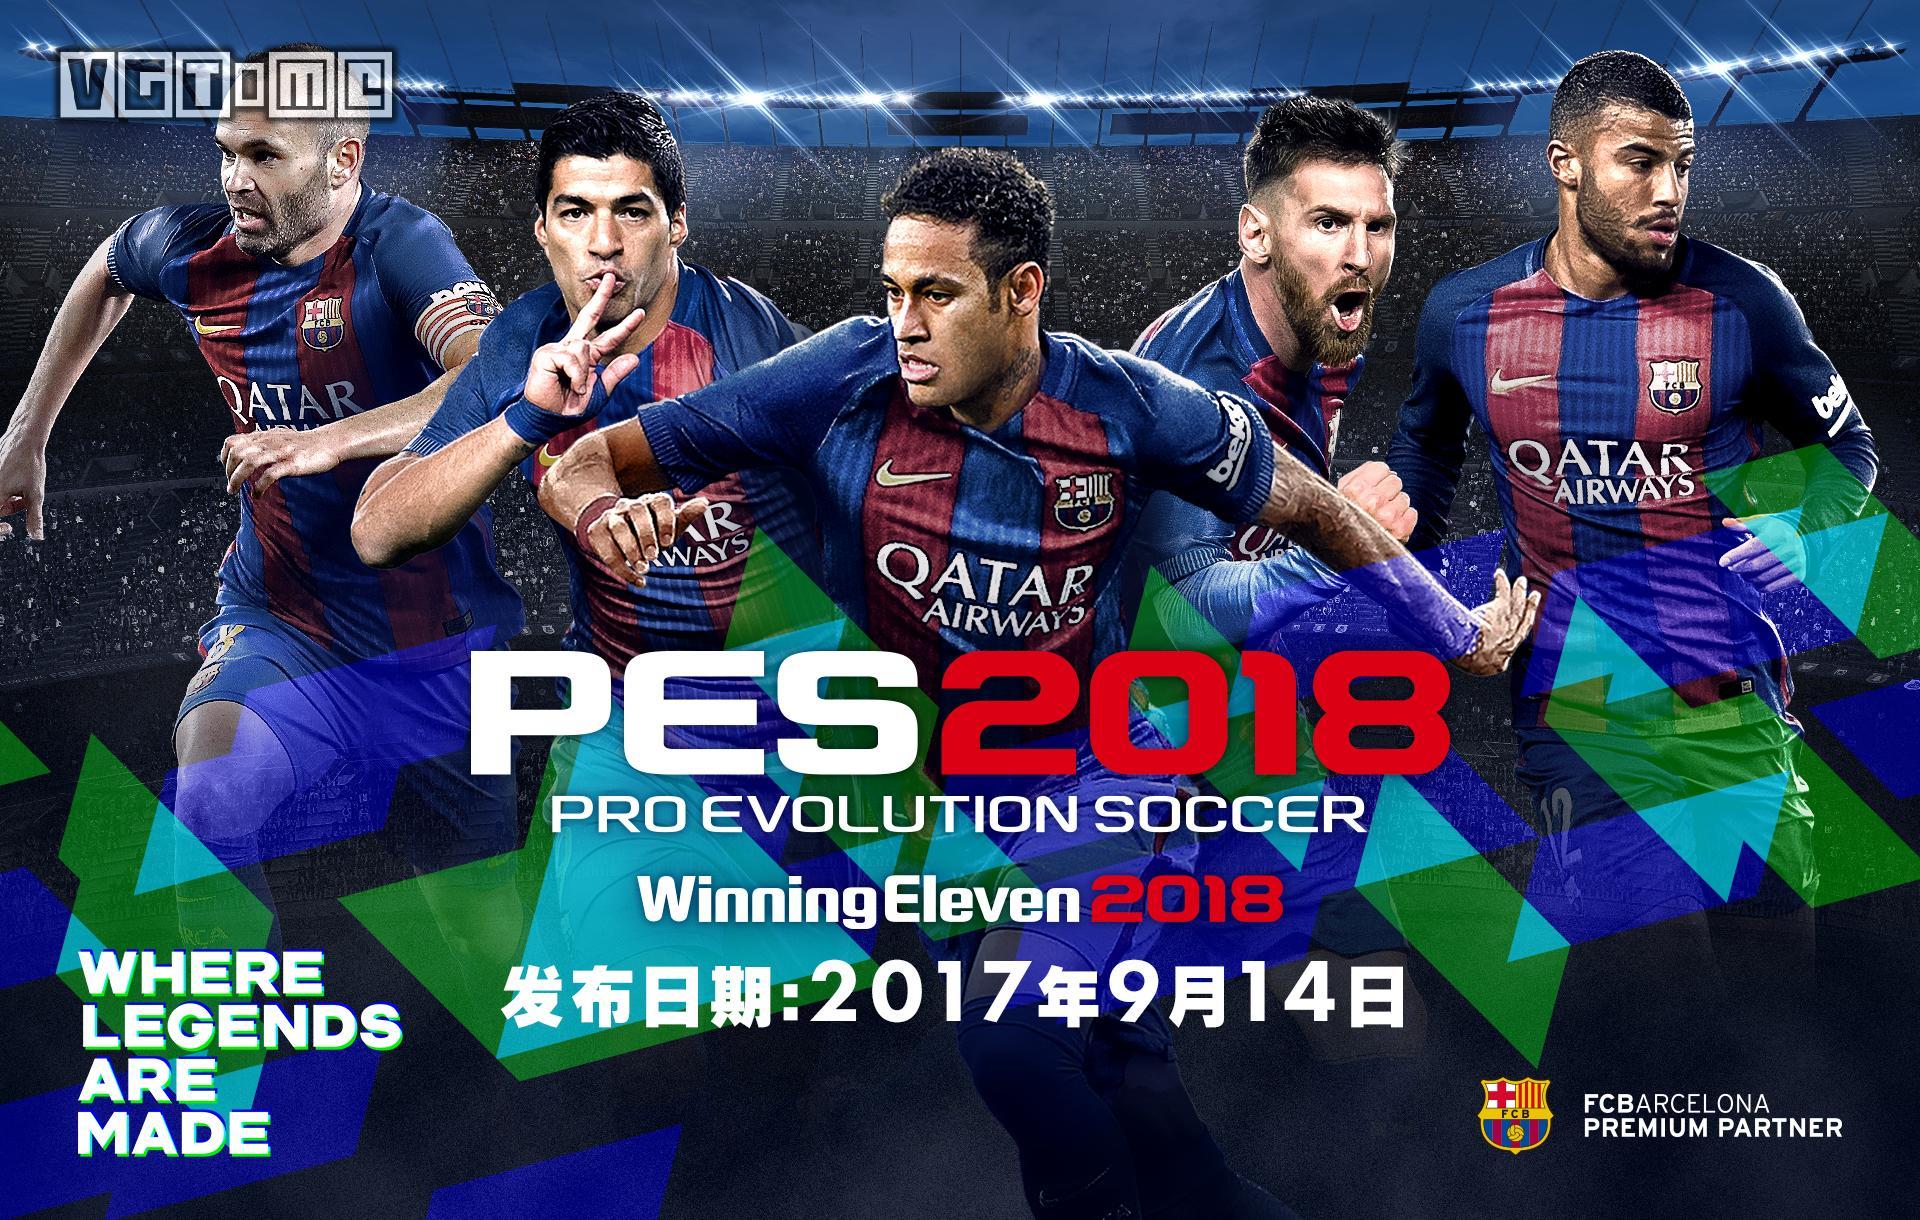 实况足球2018_《实况足球 2018》中文官网上线 公布首部预告片和更多详情